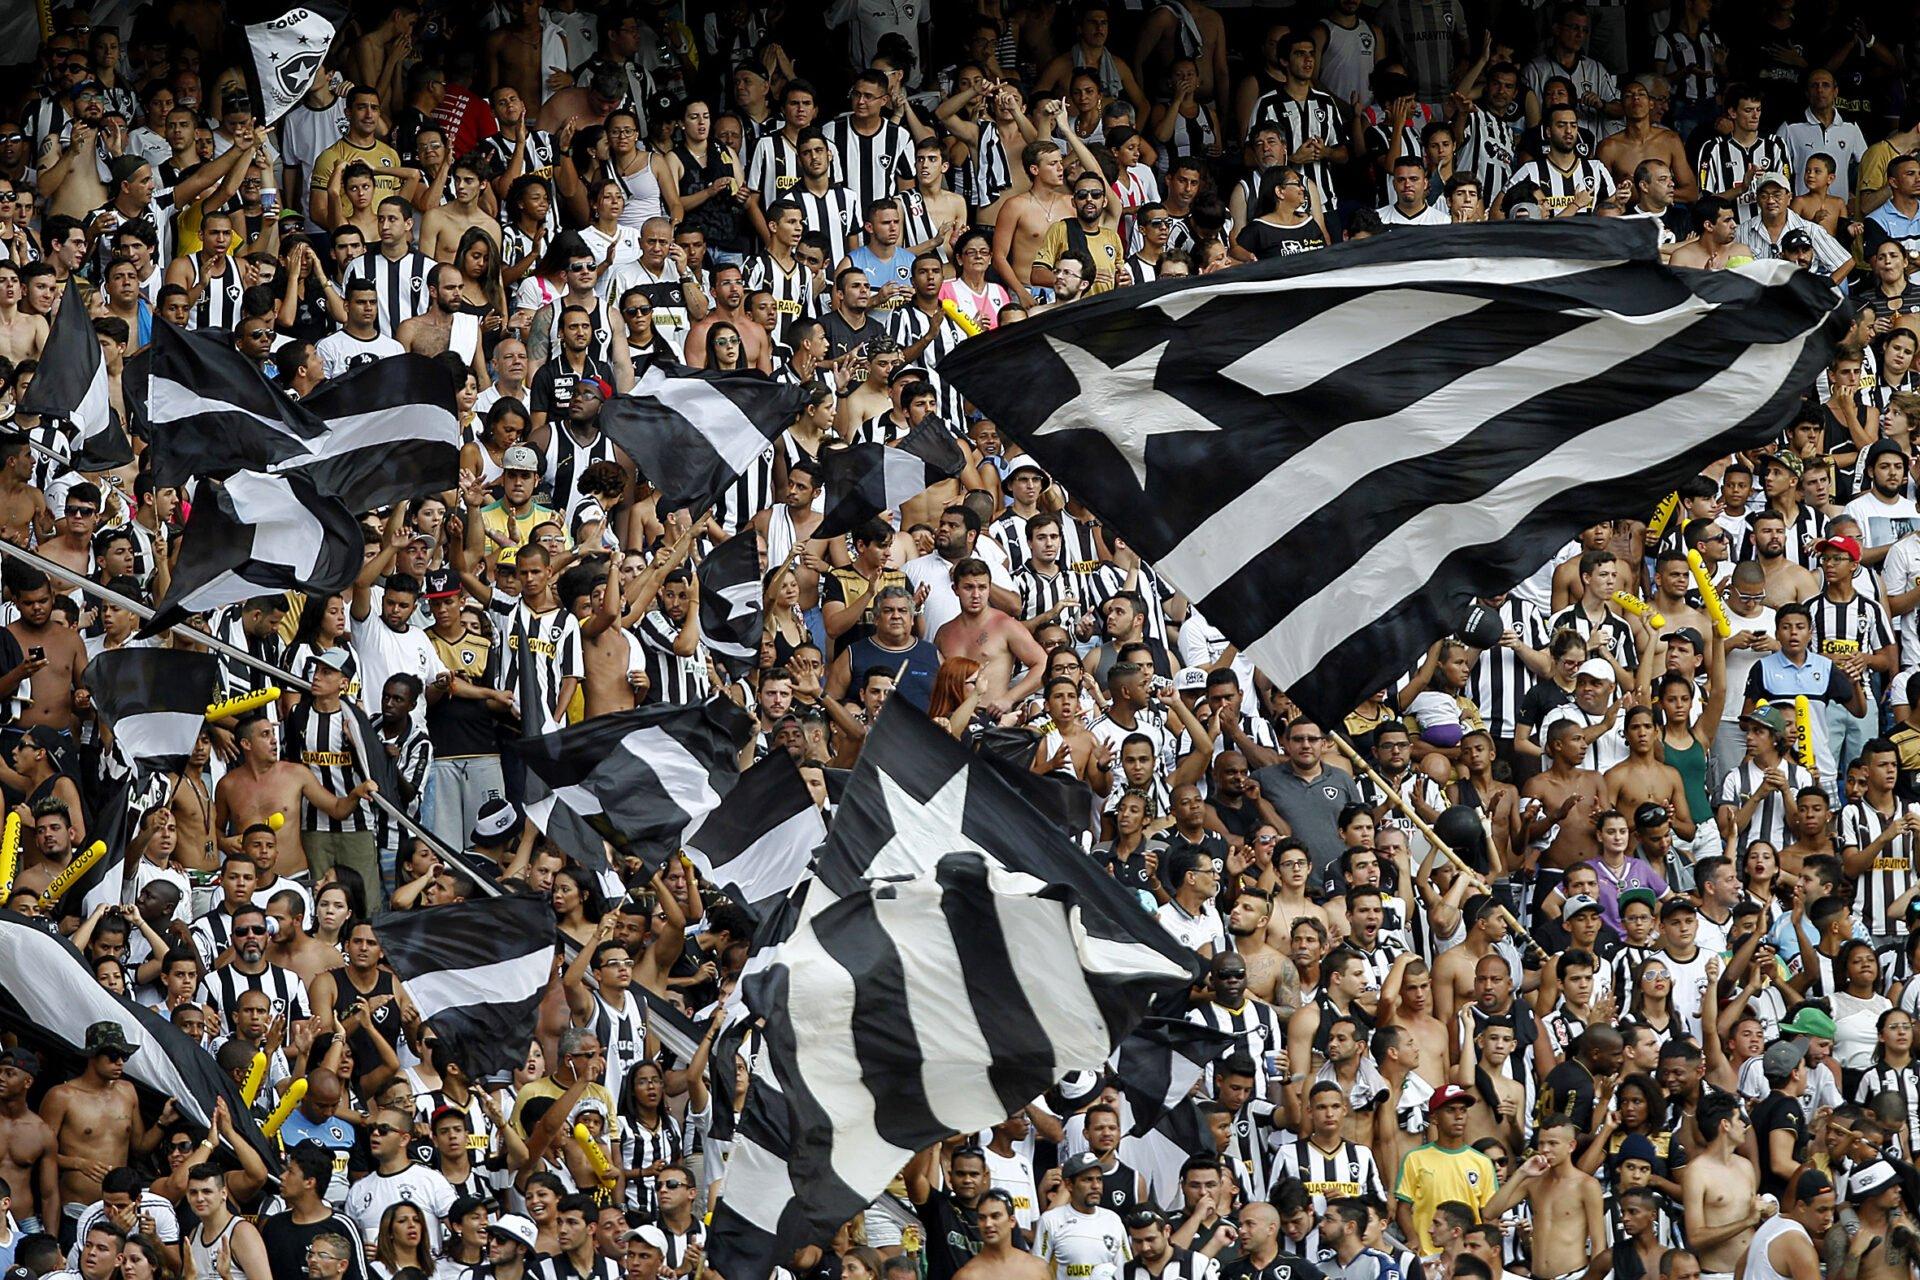 Botafogo com boas prespectivas de qualificação para a Libertadores Fonte: Vitor Silva, Esporte Interativo